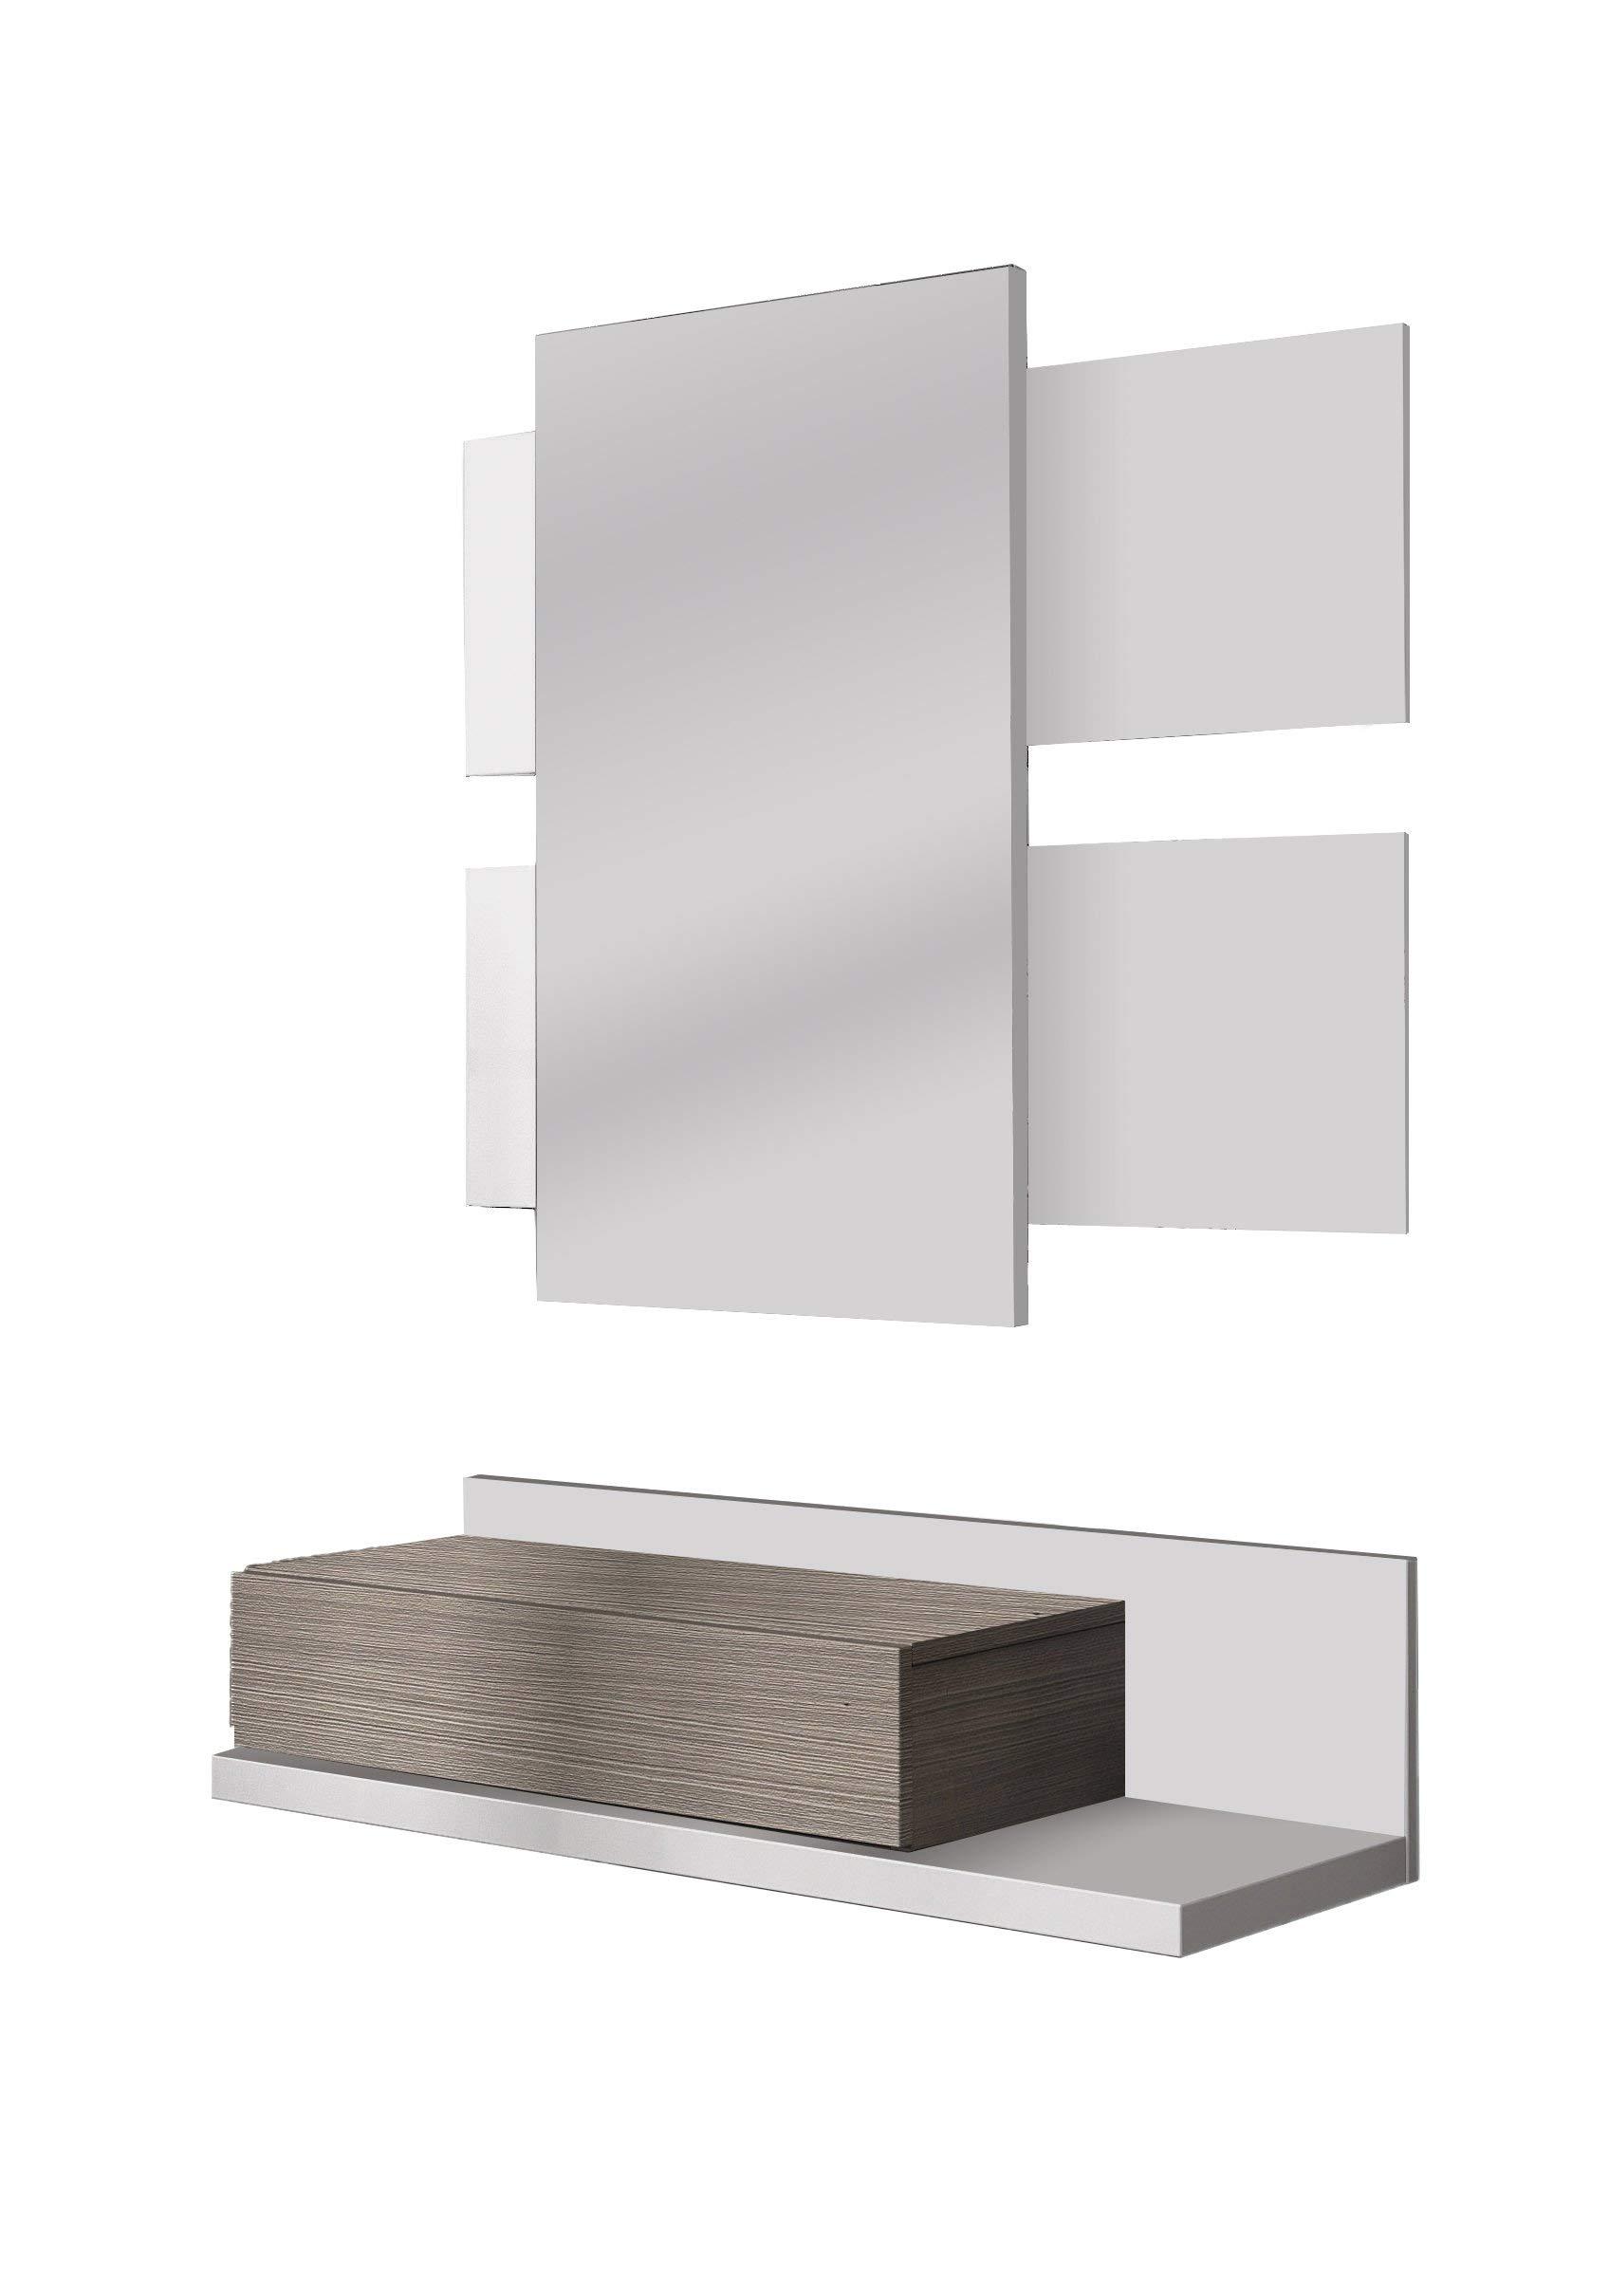 Habitdesign 0B6742BO - Recibidor con cajón + Espejo, Color Blanco Brillo y Fresno, Medidas